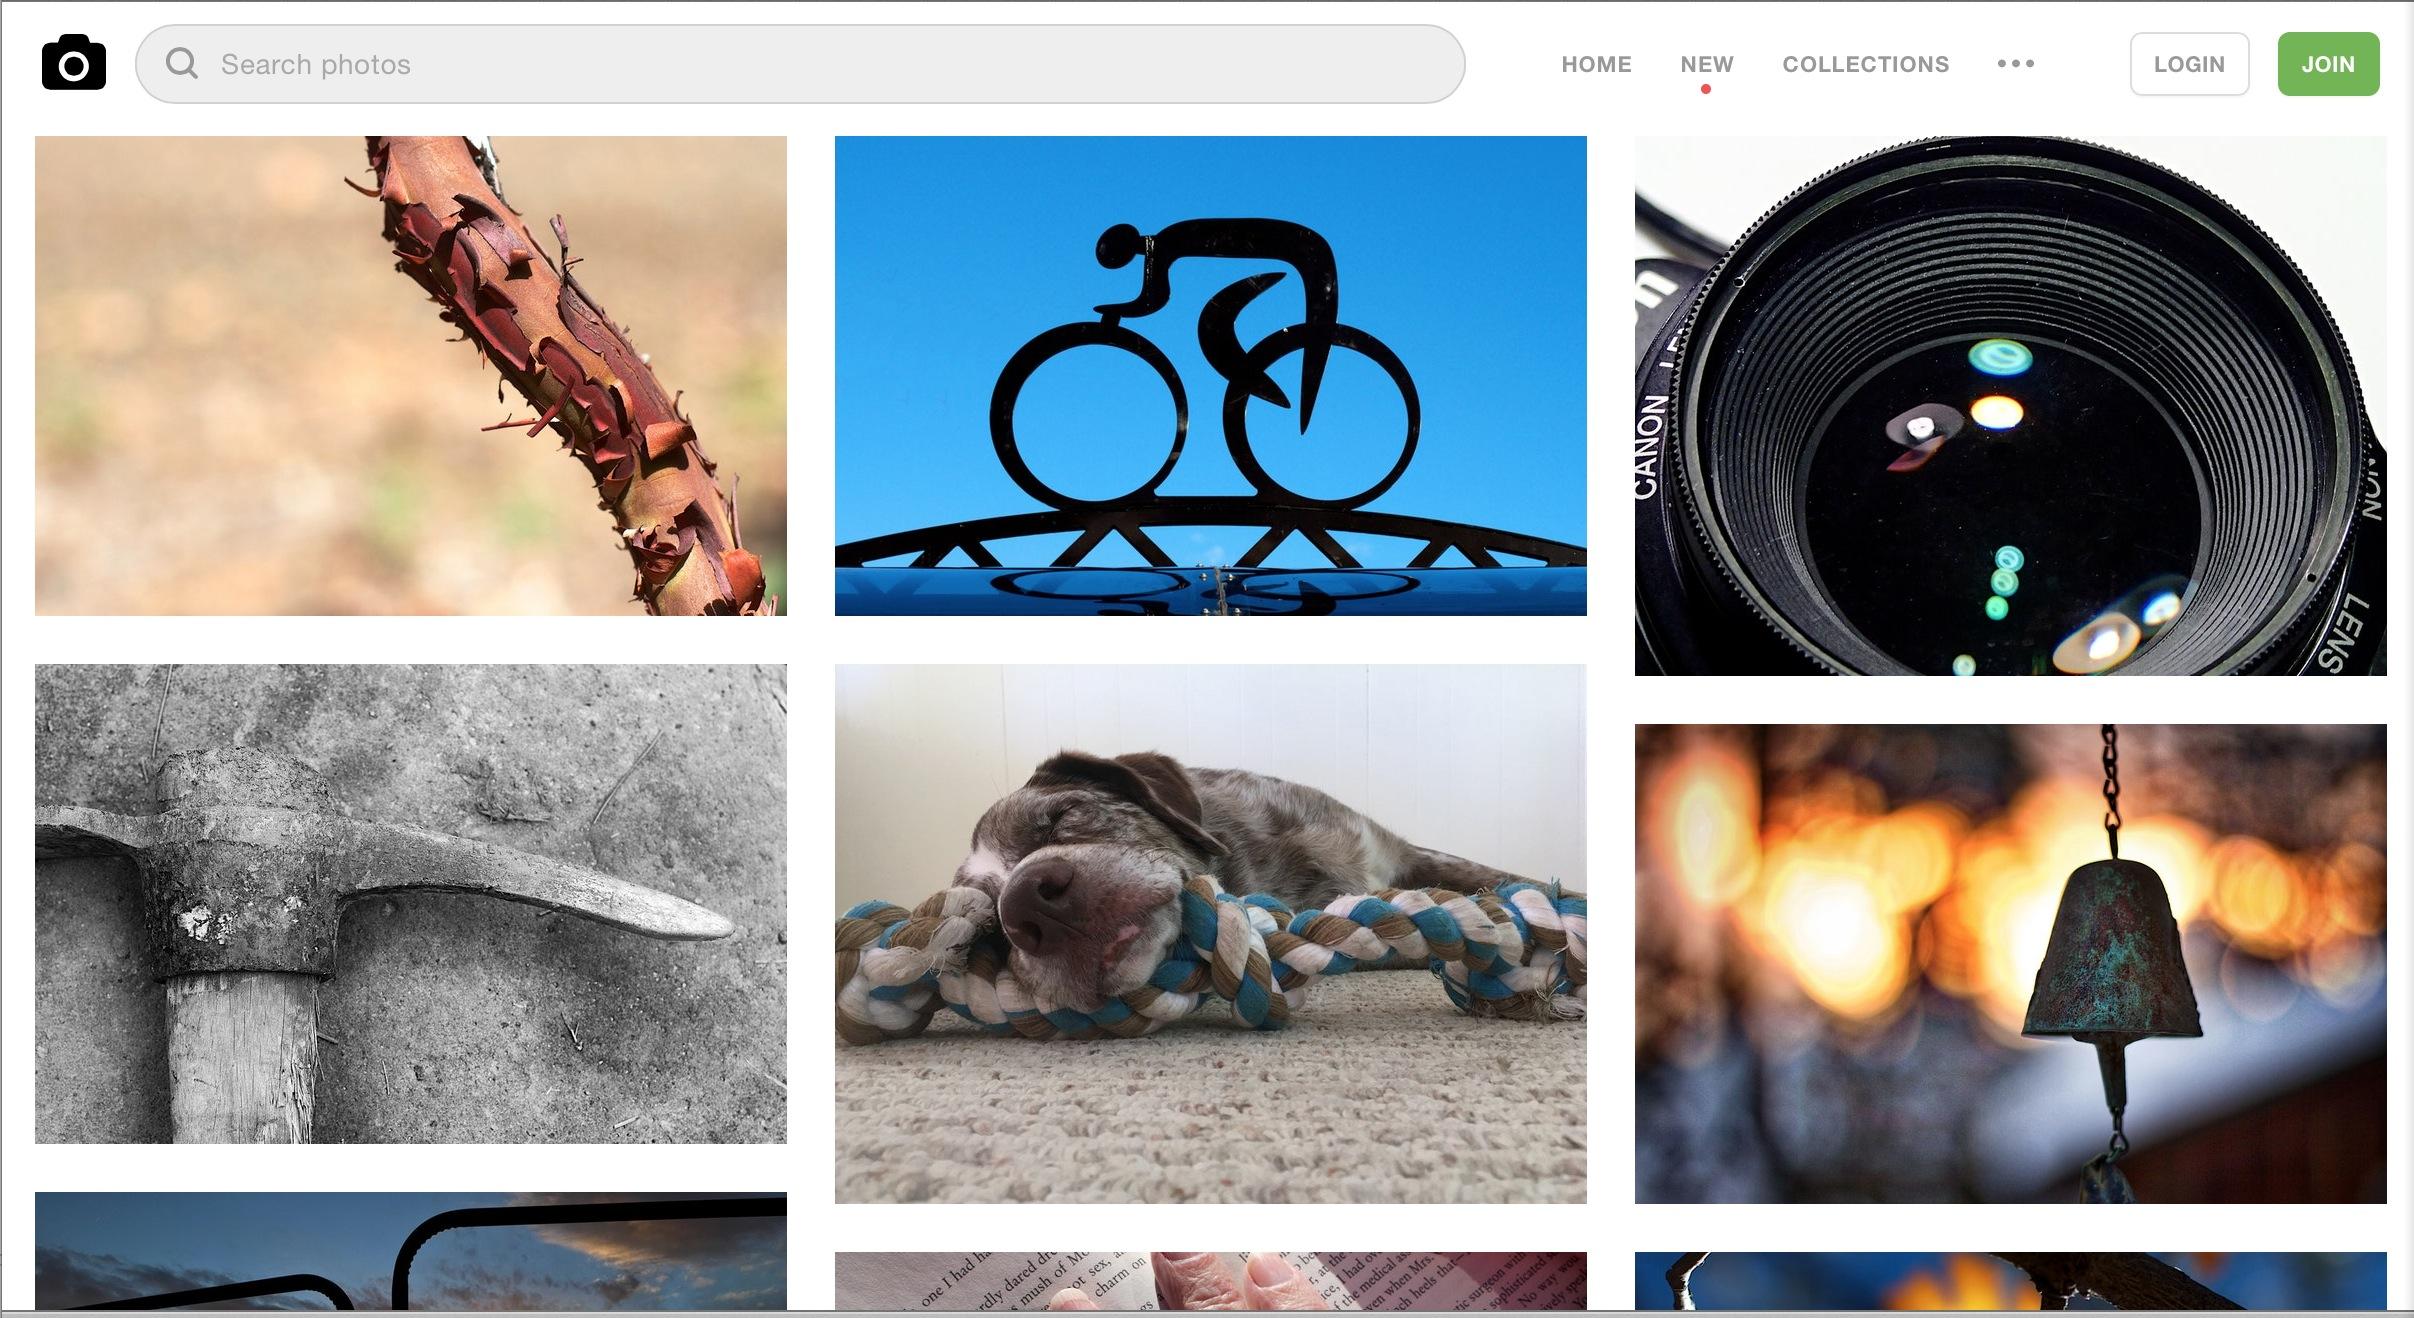 files/images/unsplashing.jpg